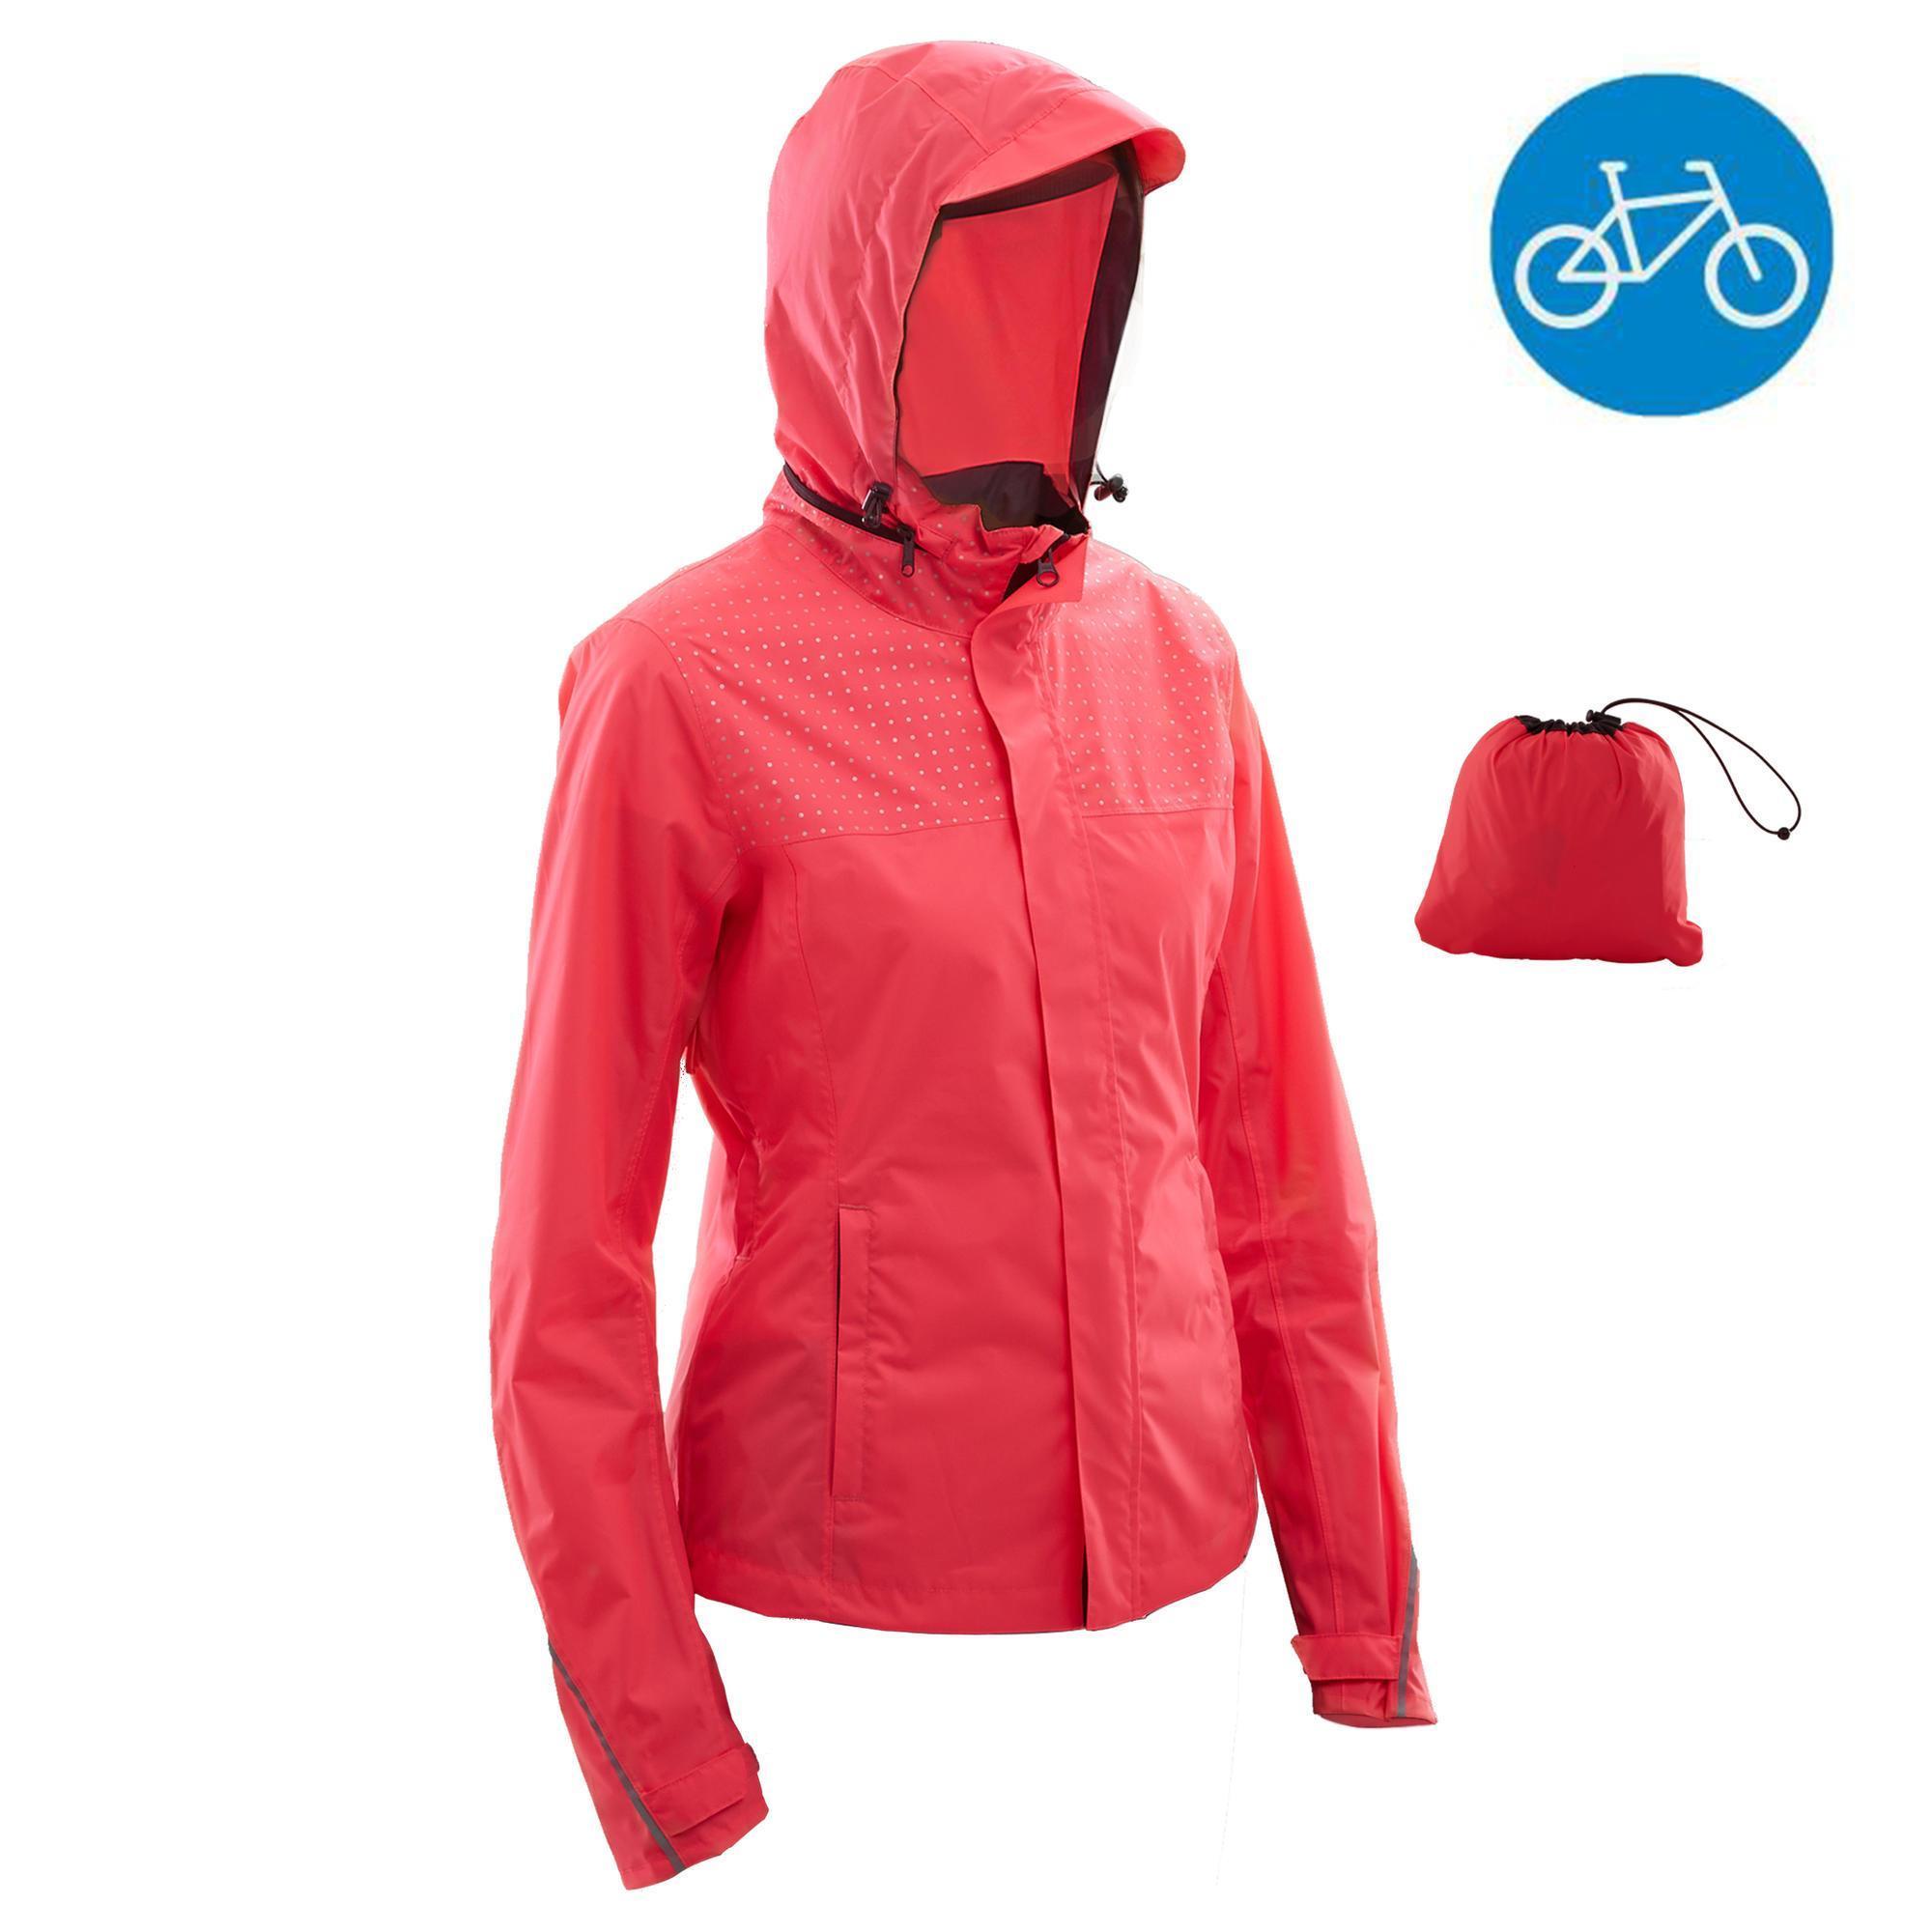 da06f6797e Comprar Cortavientos Ciclismo Online